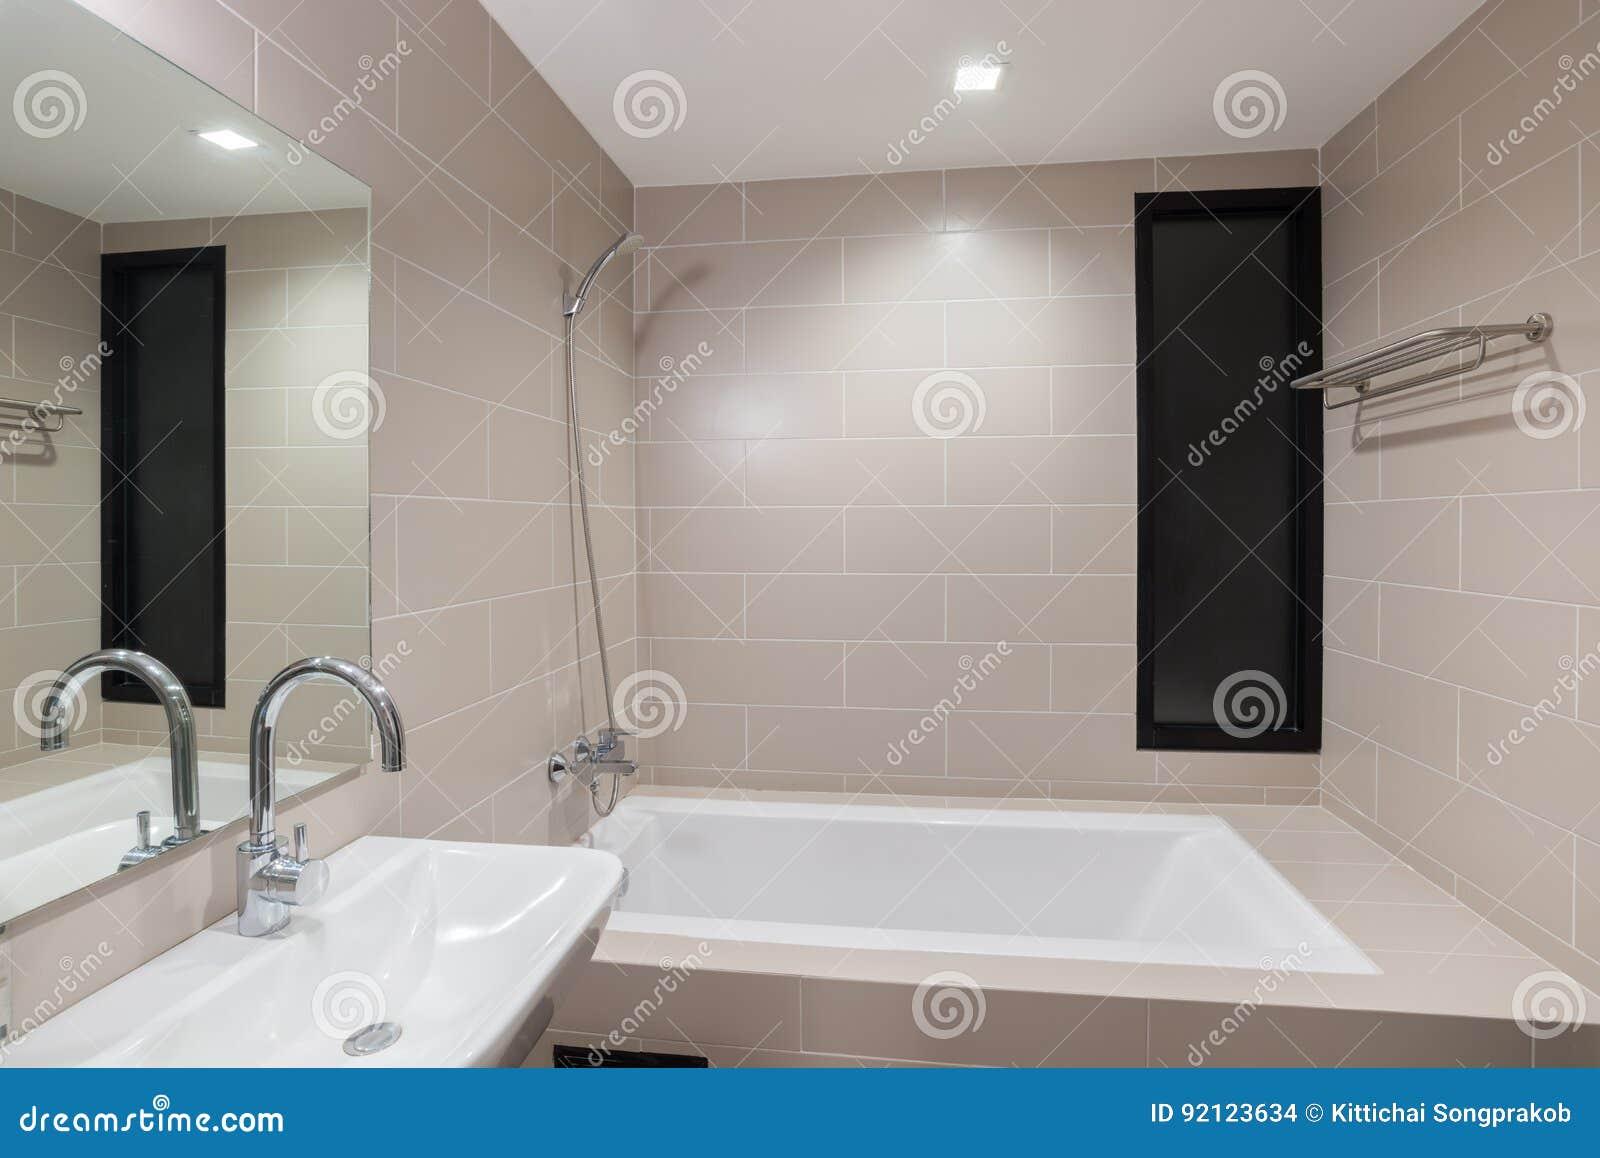 Modernes Badezimmer Mit Einer Dusche Und Einer Badewanne ...